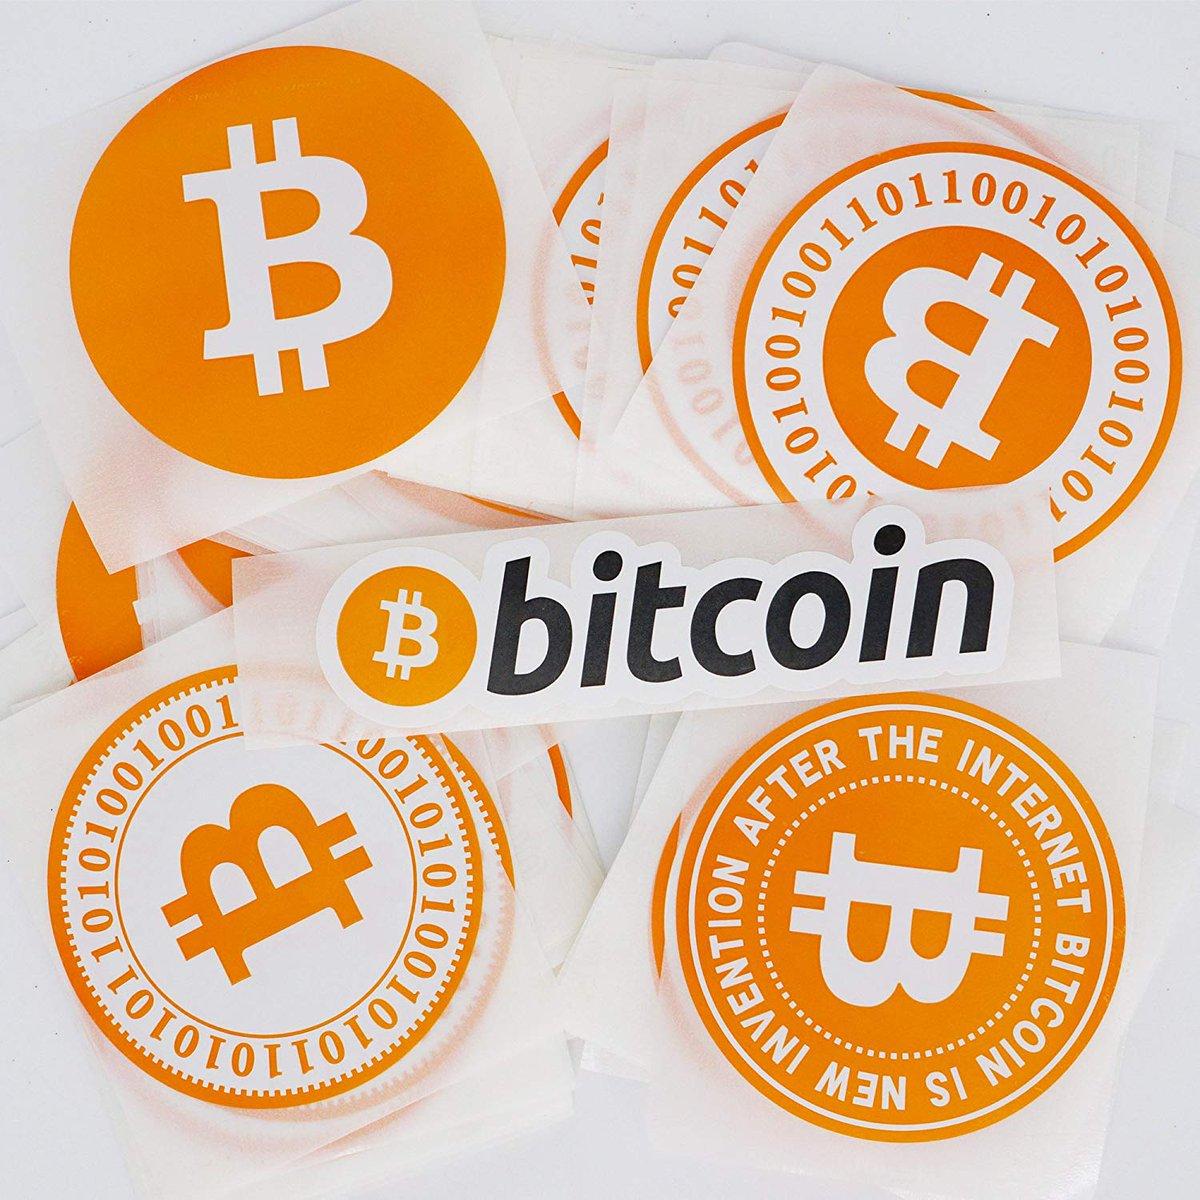 test ツイッターメディア - ビットコイン シール 5種類セット#ビットコイン #Bitcoin #BTC #シール #暗号通貨https://t.co/cOxmcF7Mga … https://t.co/1pOAigeEu7